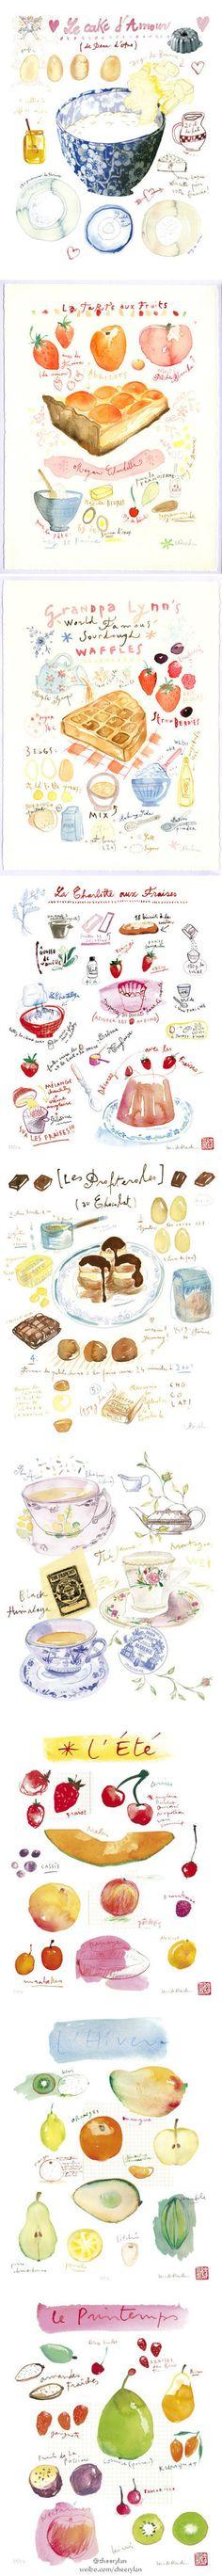 堆糖 发现生活_收集美好_分享图片 - recipe watercolors, so dreamy